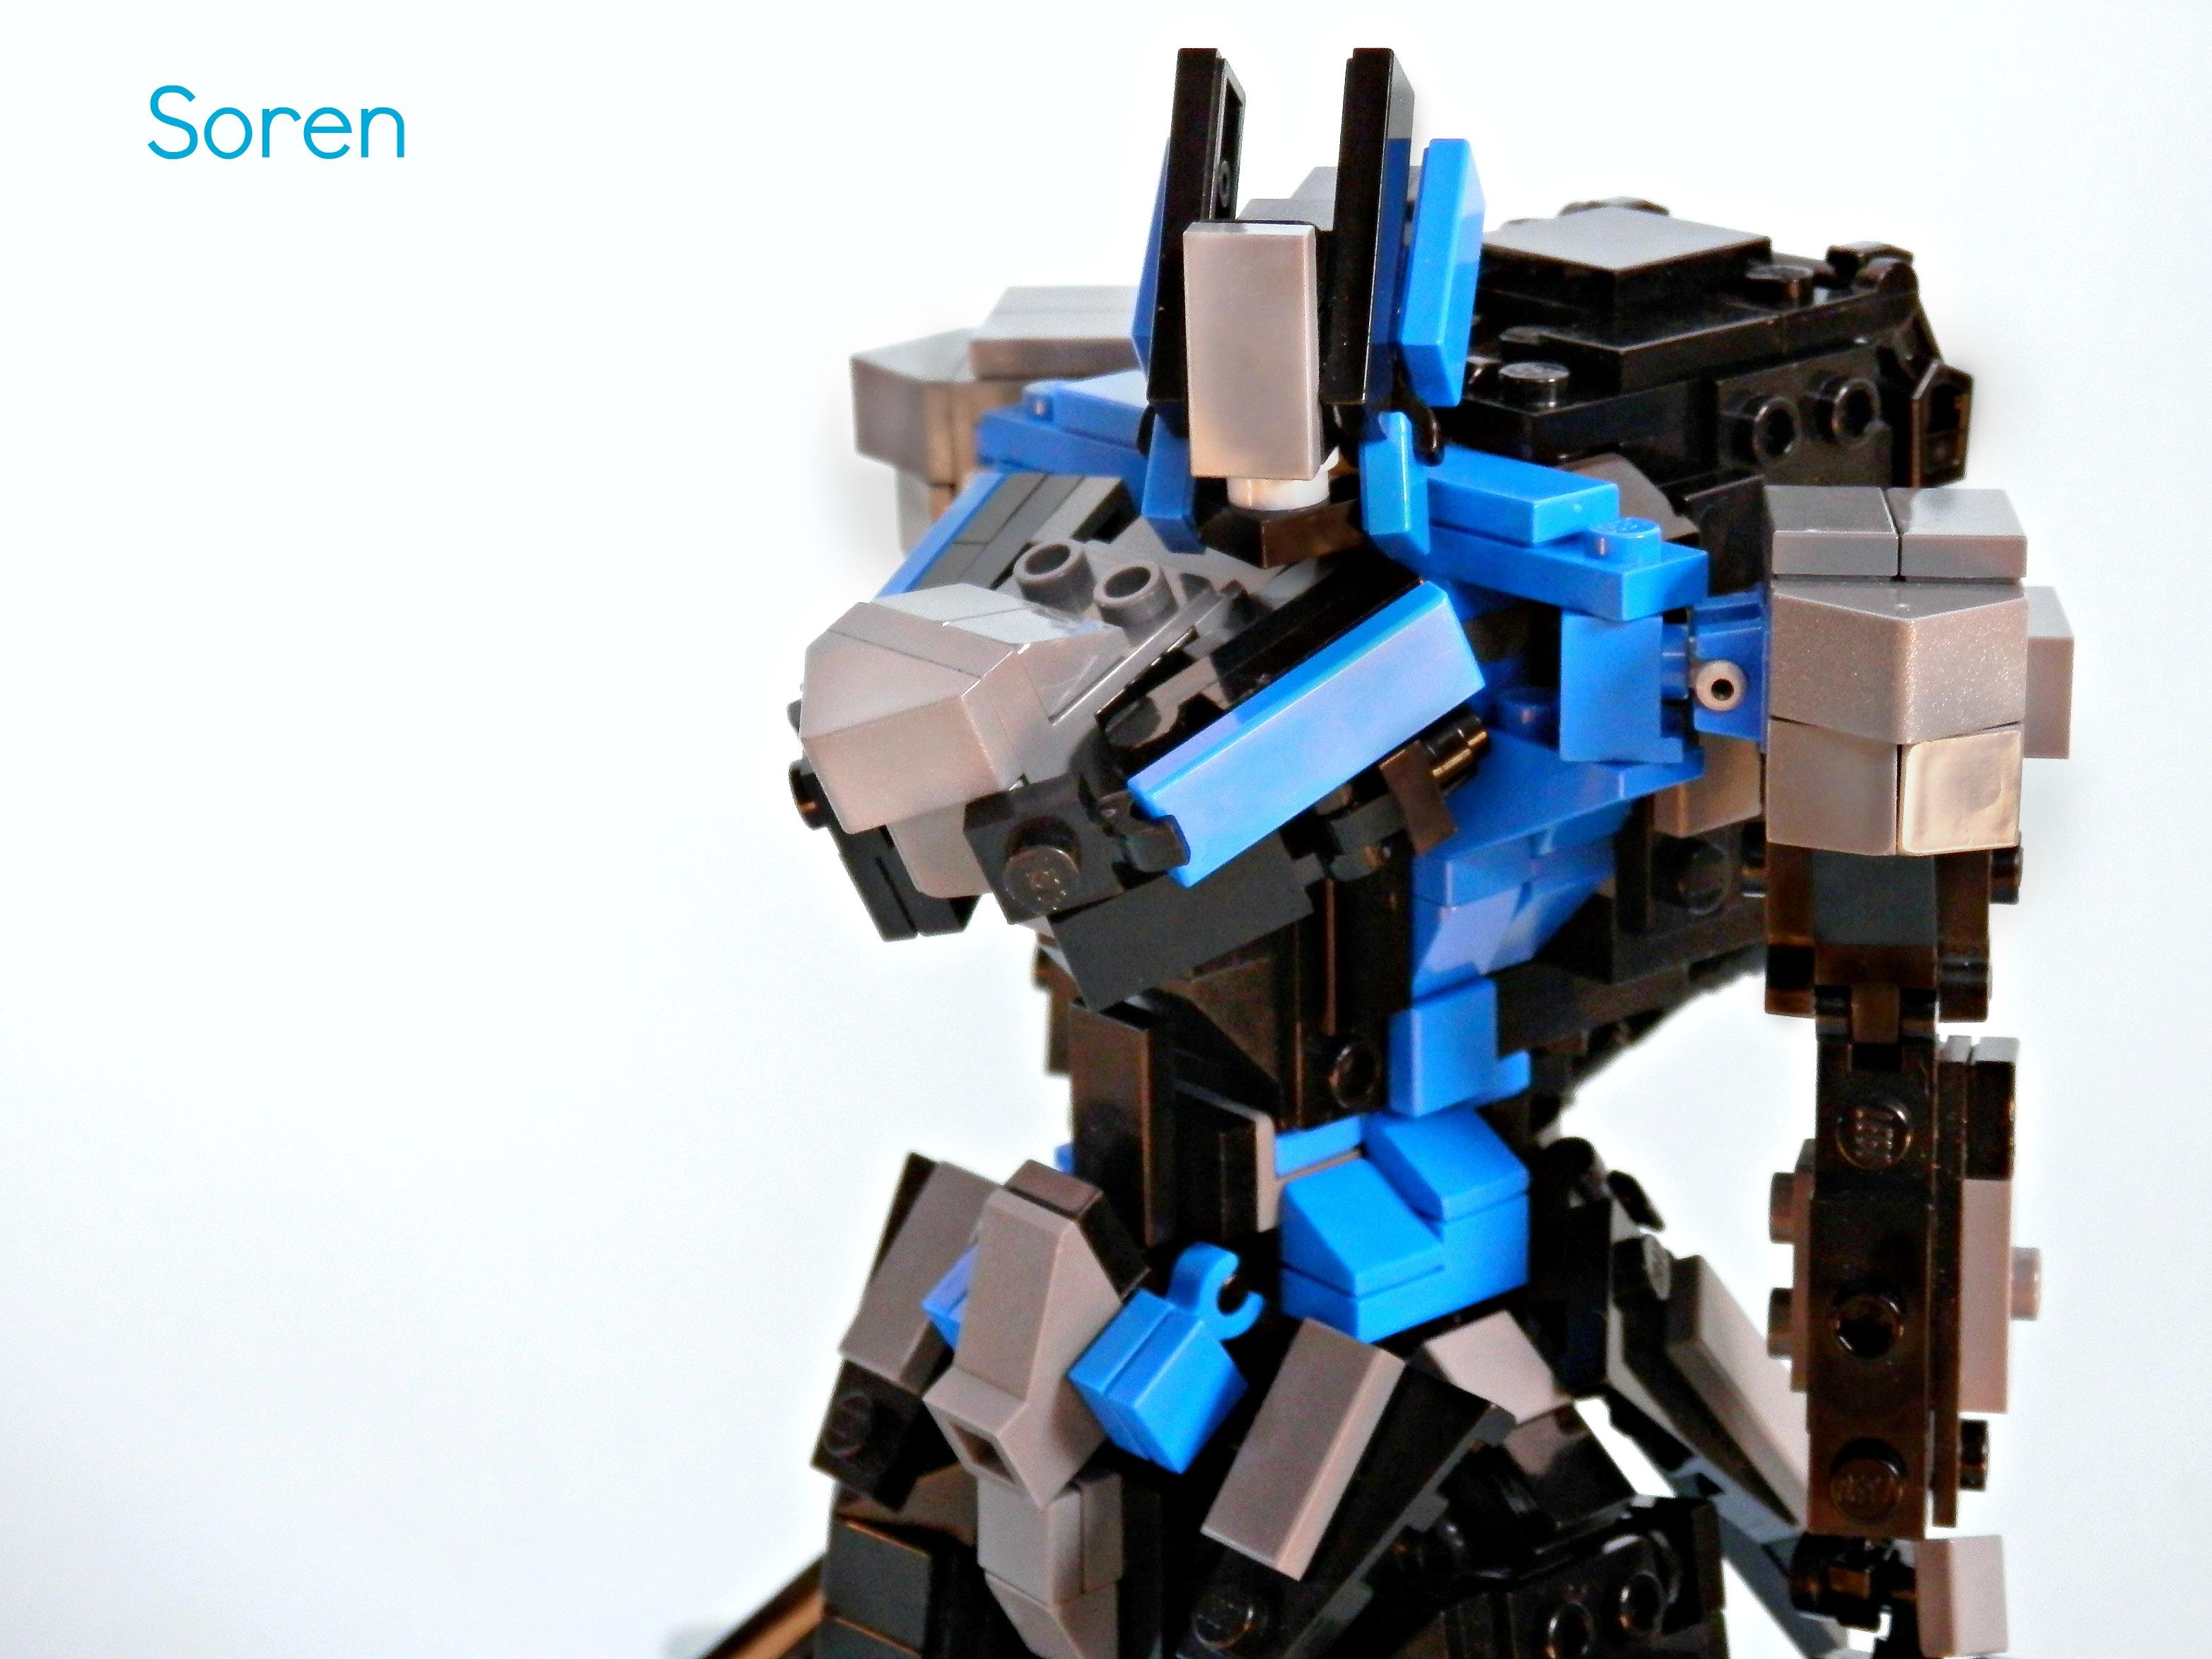 Soren (Ascended)